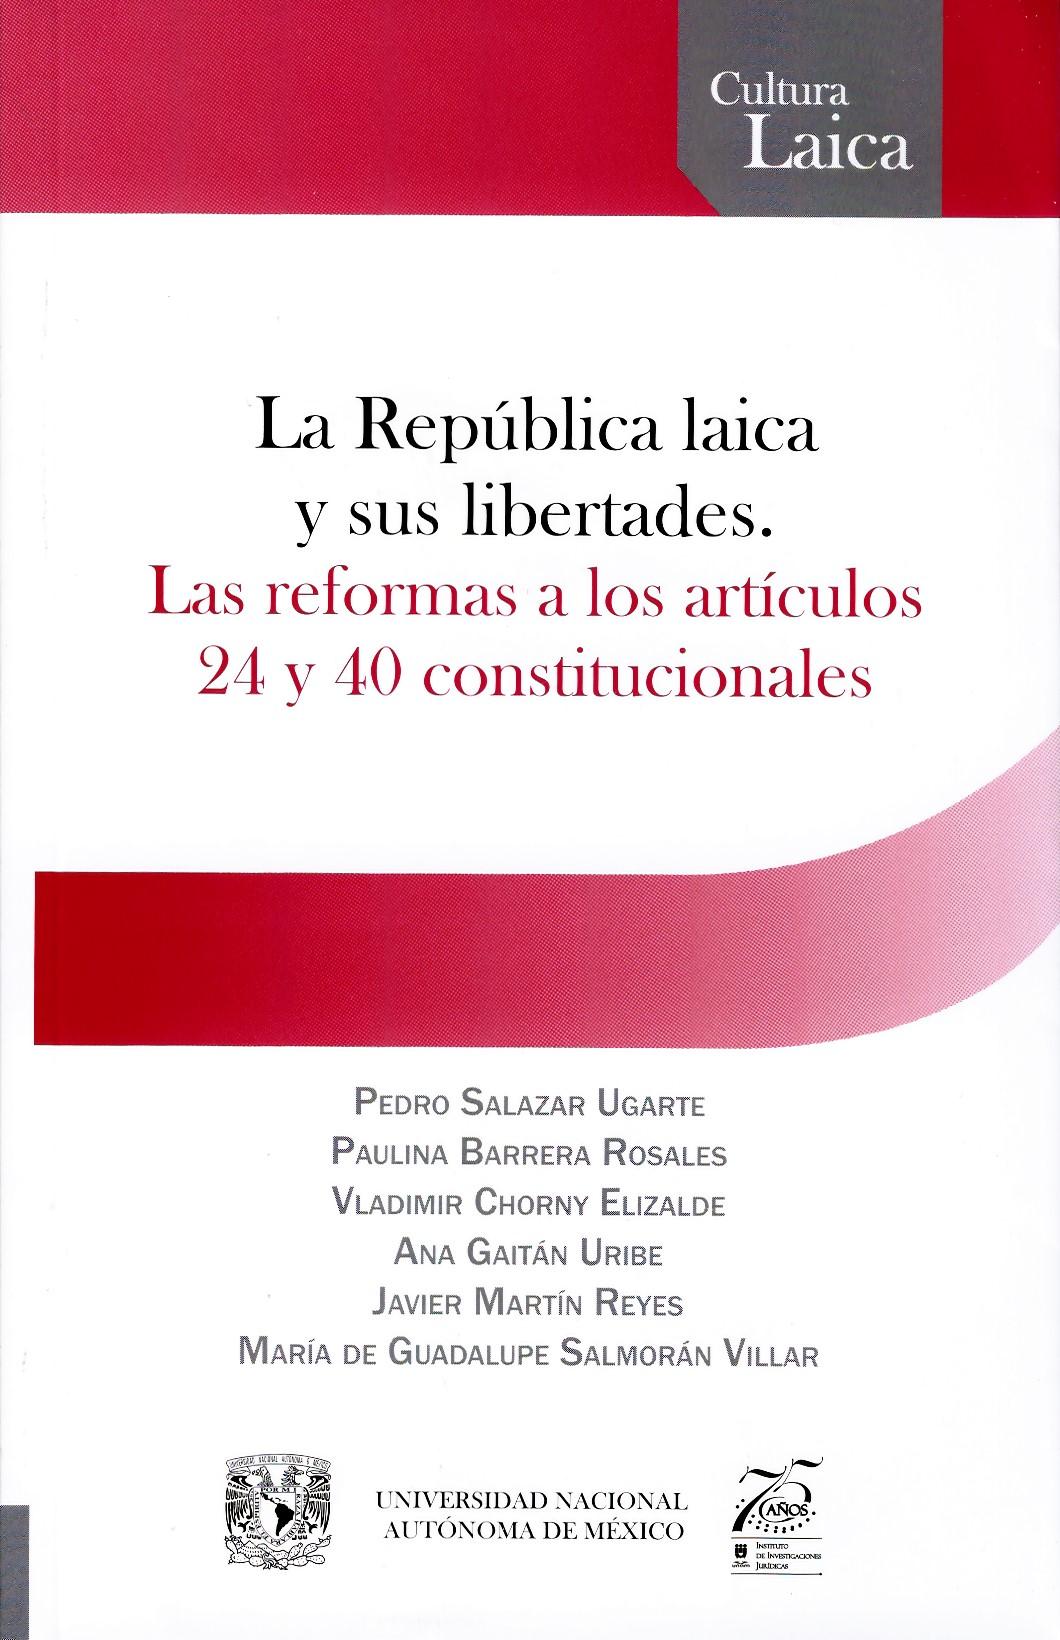 La República laica y sus libertades. Las reformas a los artículos 24 y 40 constitucionales